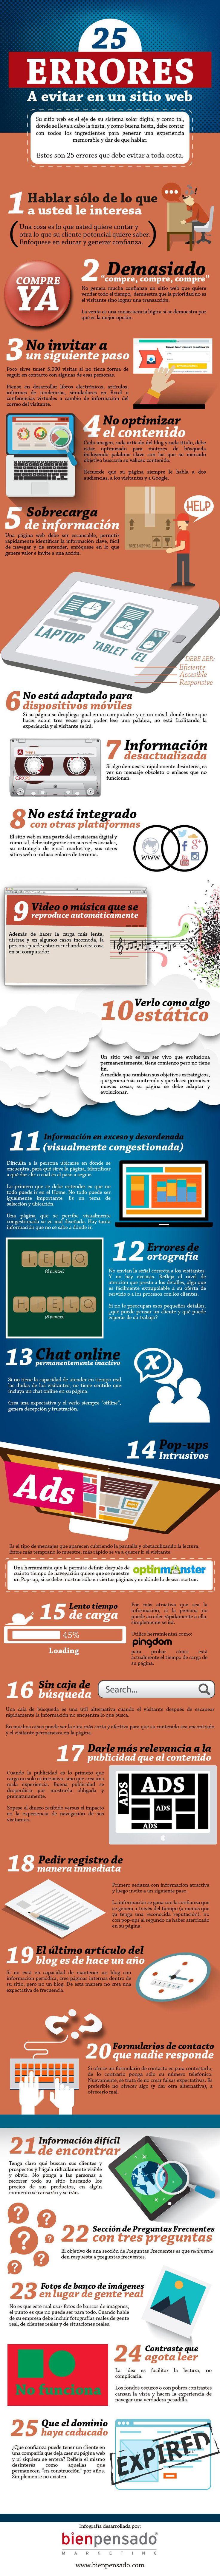 25 errores a evitar en un sitio web #infografia #infographic #marketing